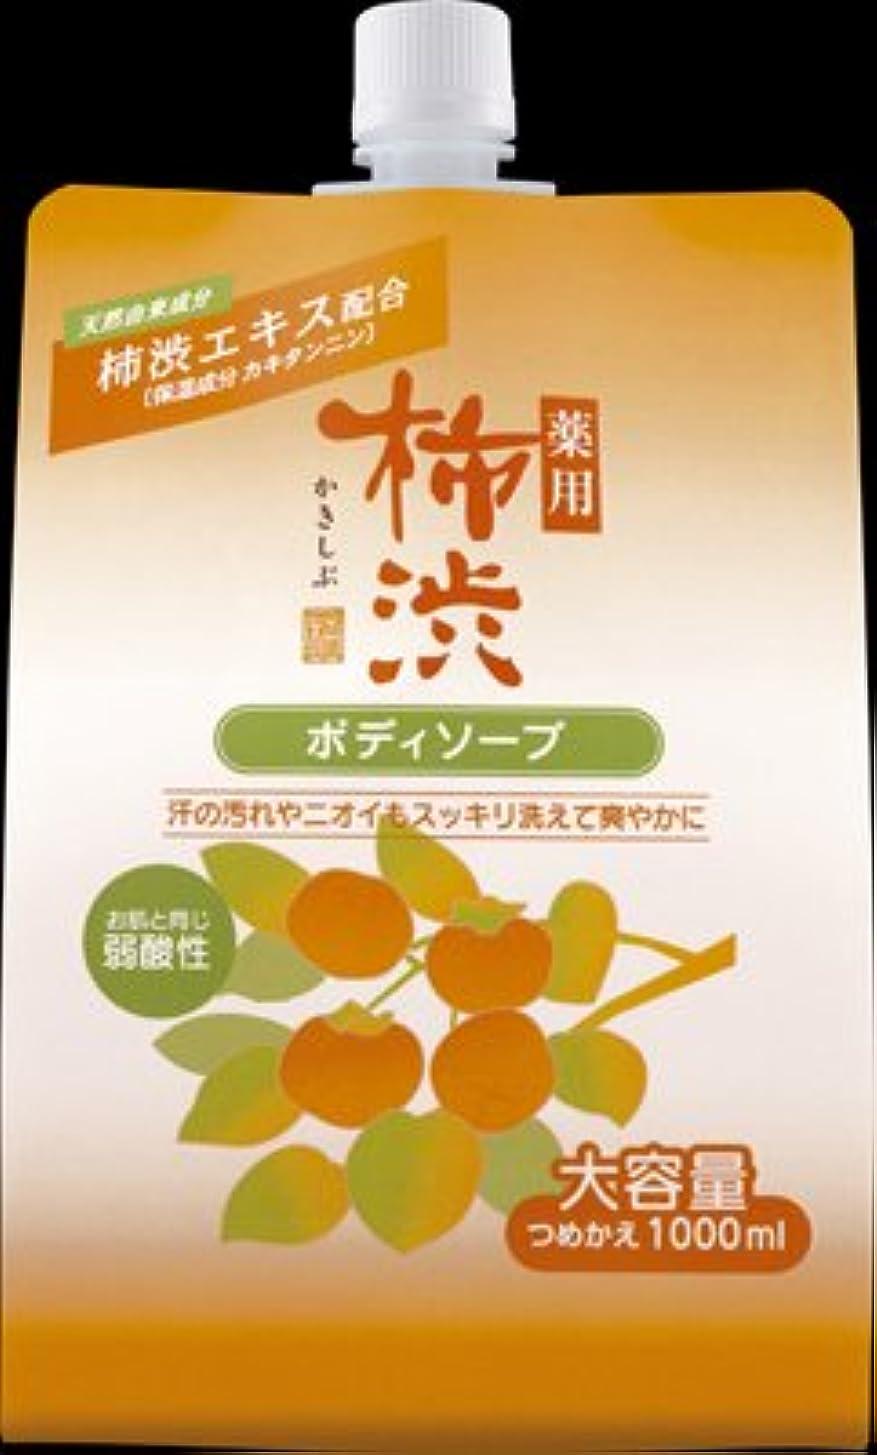 枯れる種類矛盾する熊野油脂 薬用柿渋ボディソープ 1000ML つめかえ用×10点セット